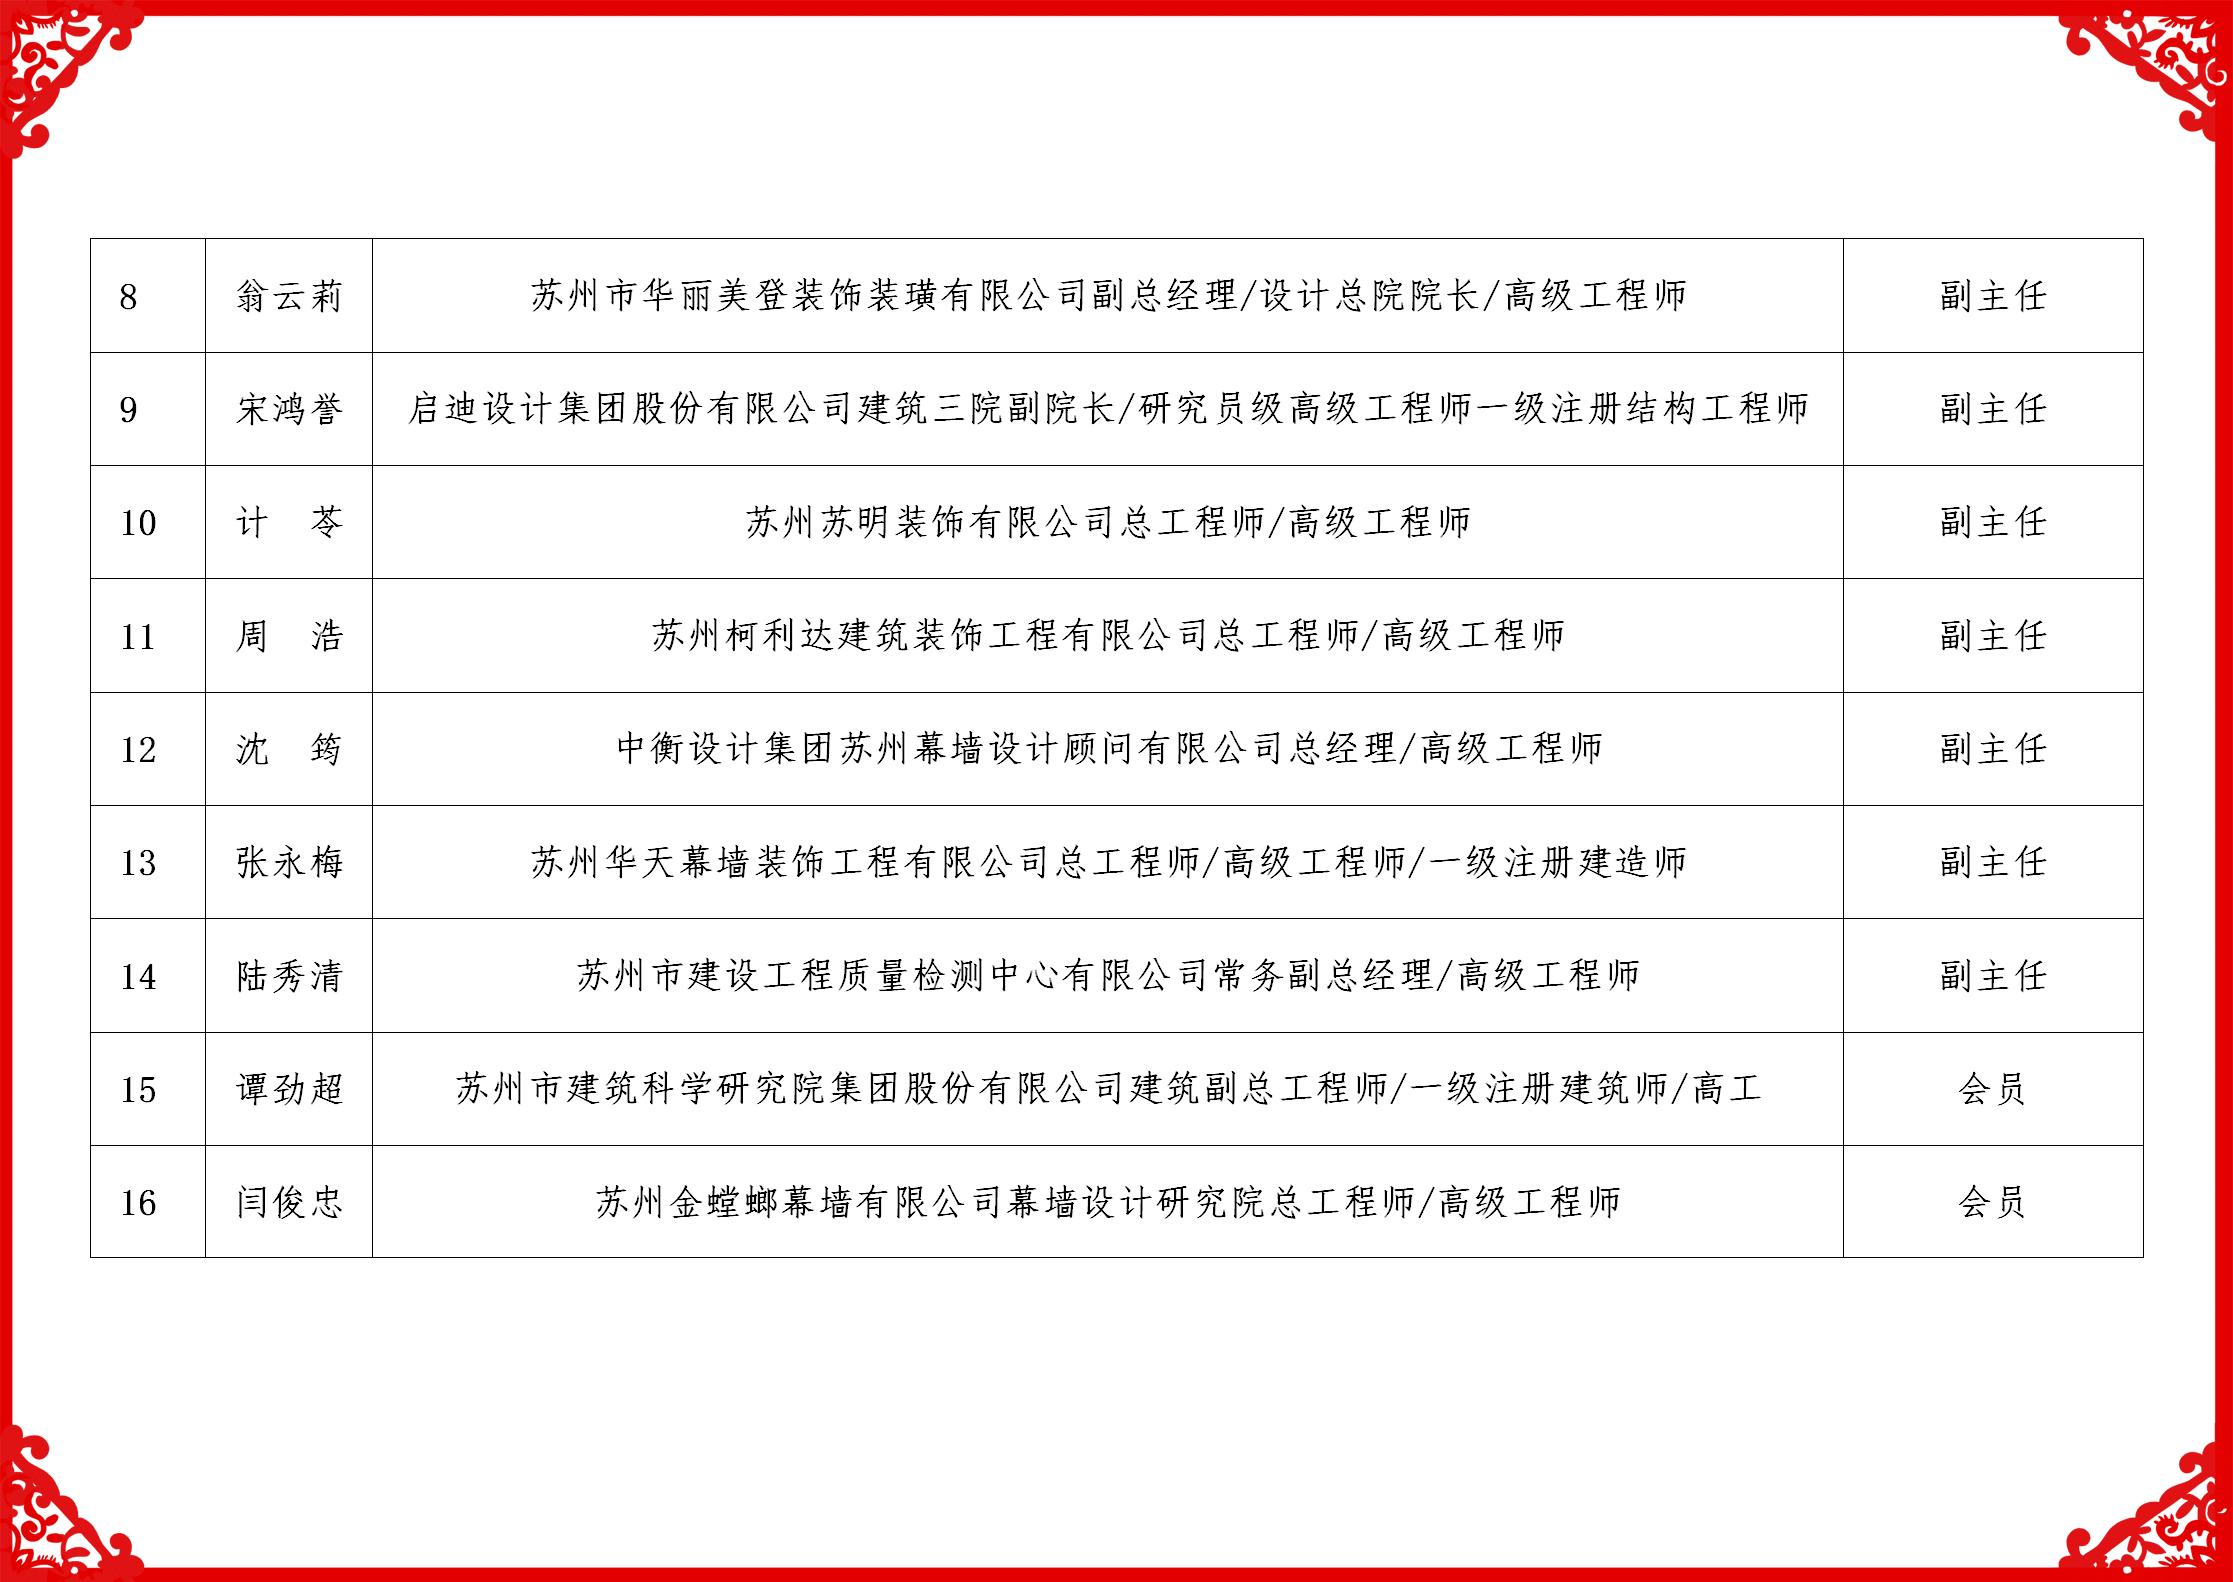 2019科技委名单_02